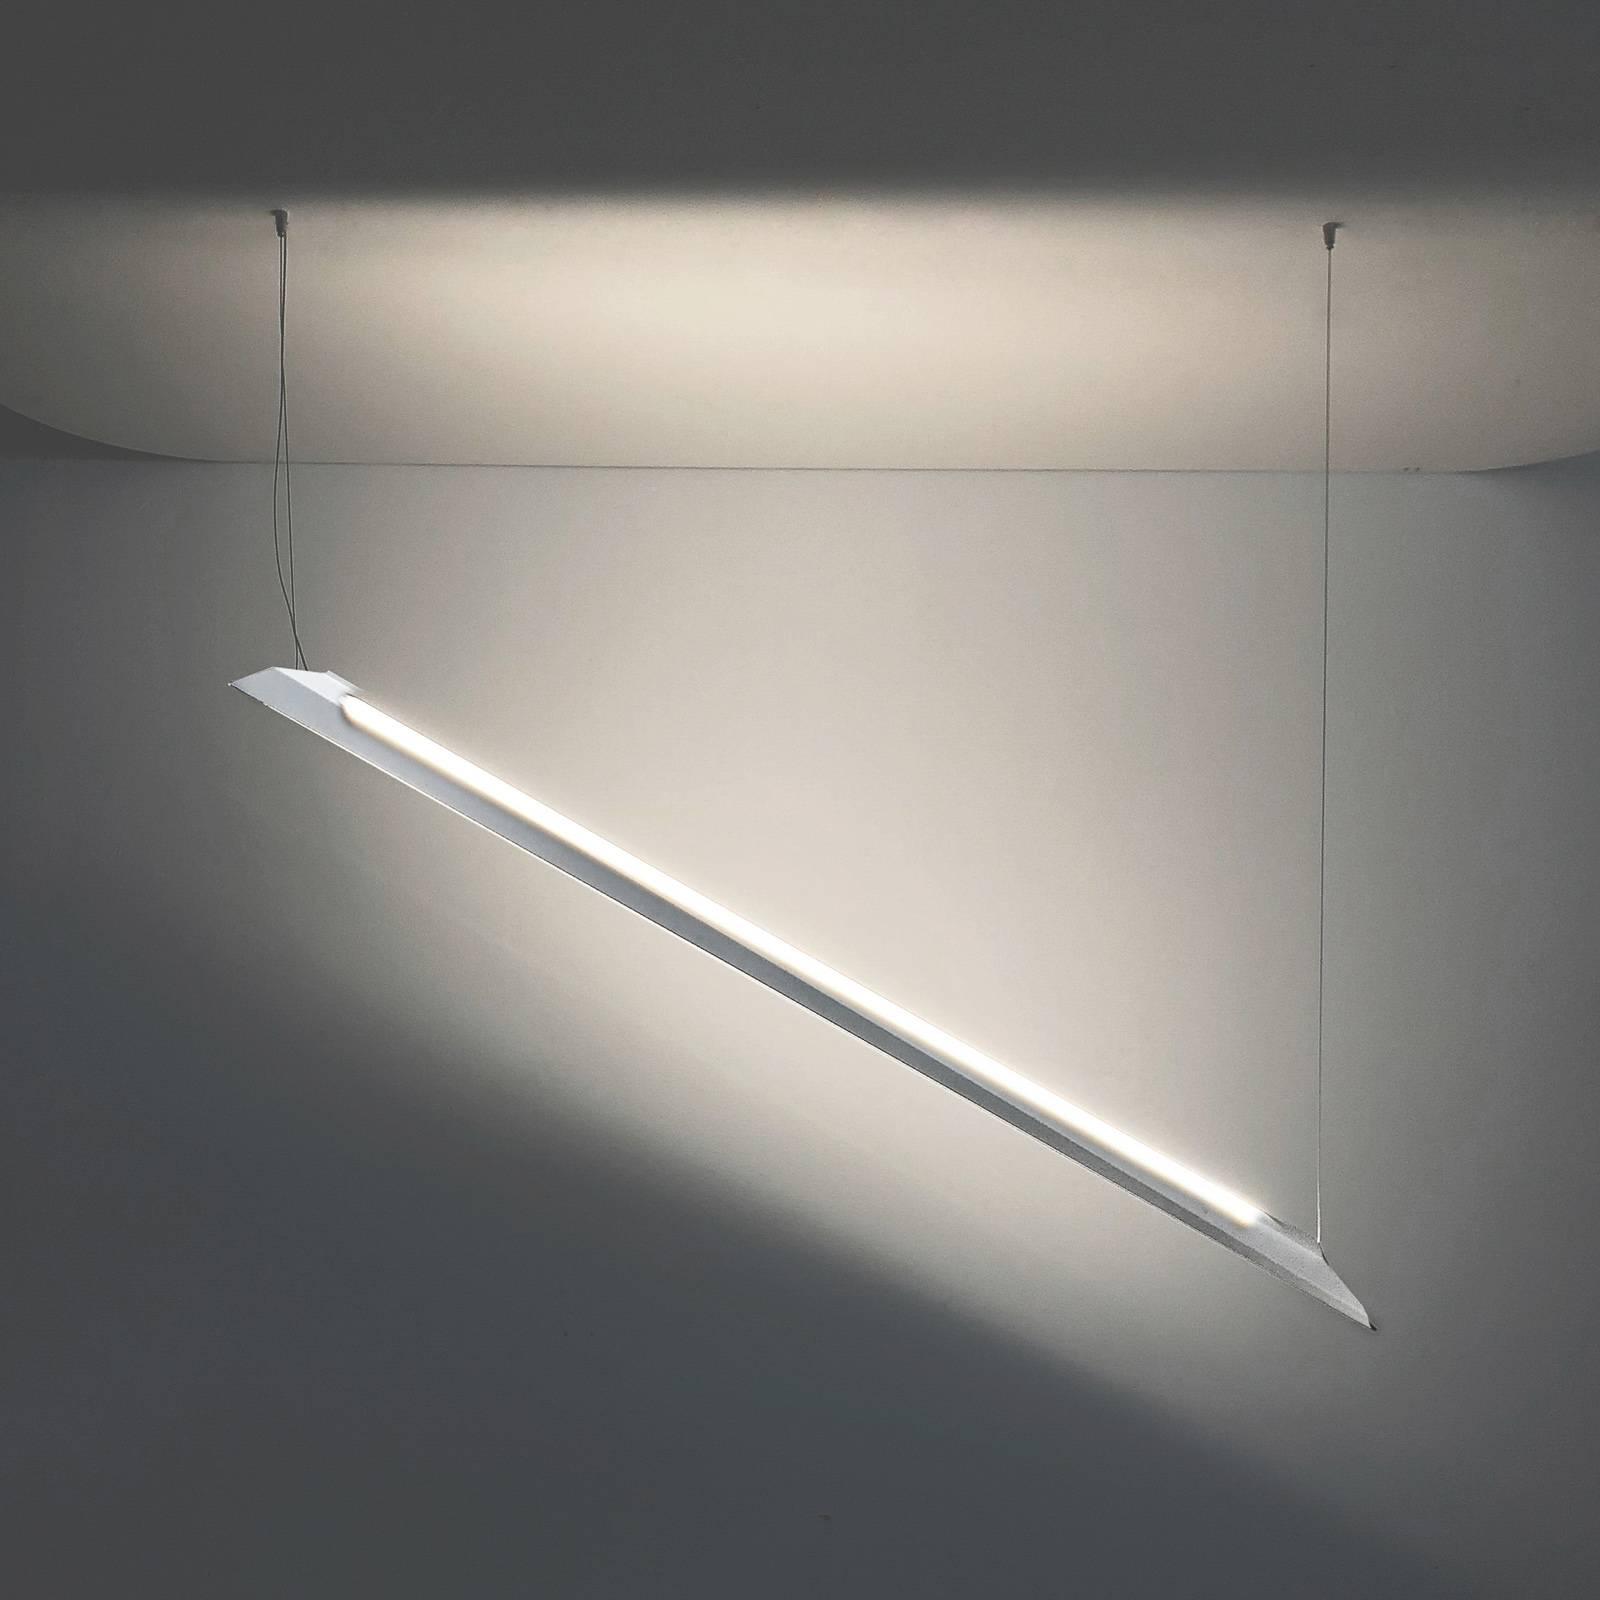 Knikerboker Schegge LED-Hängeleuchte 2-fl. weiß